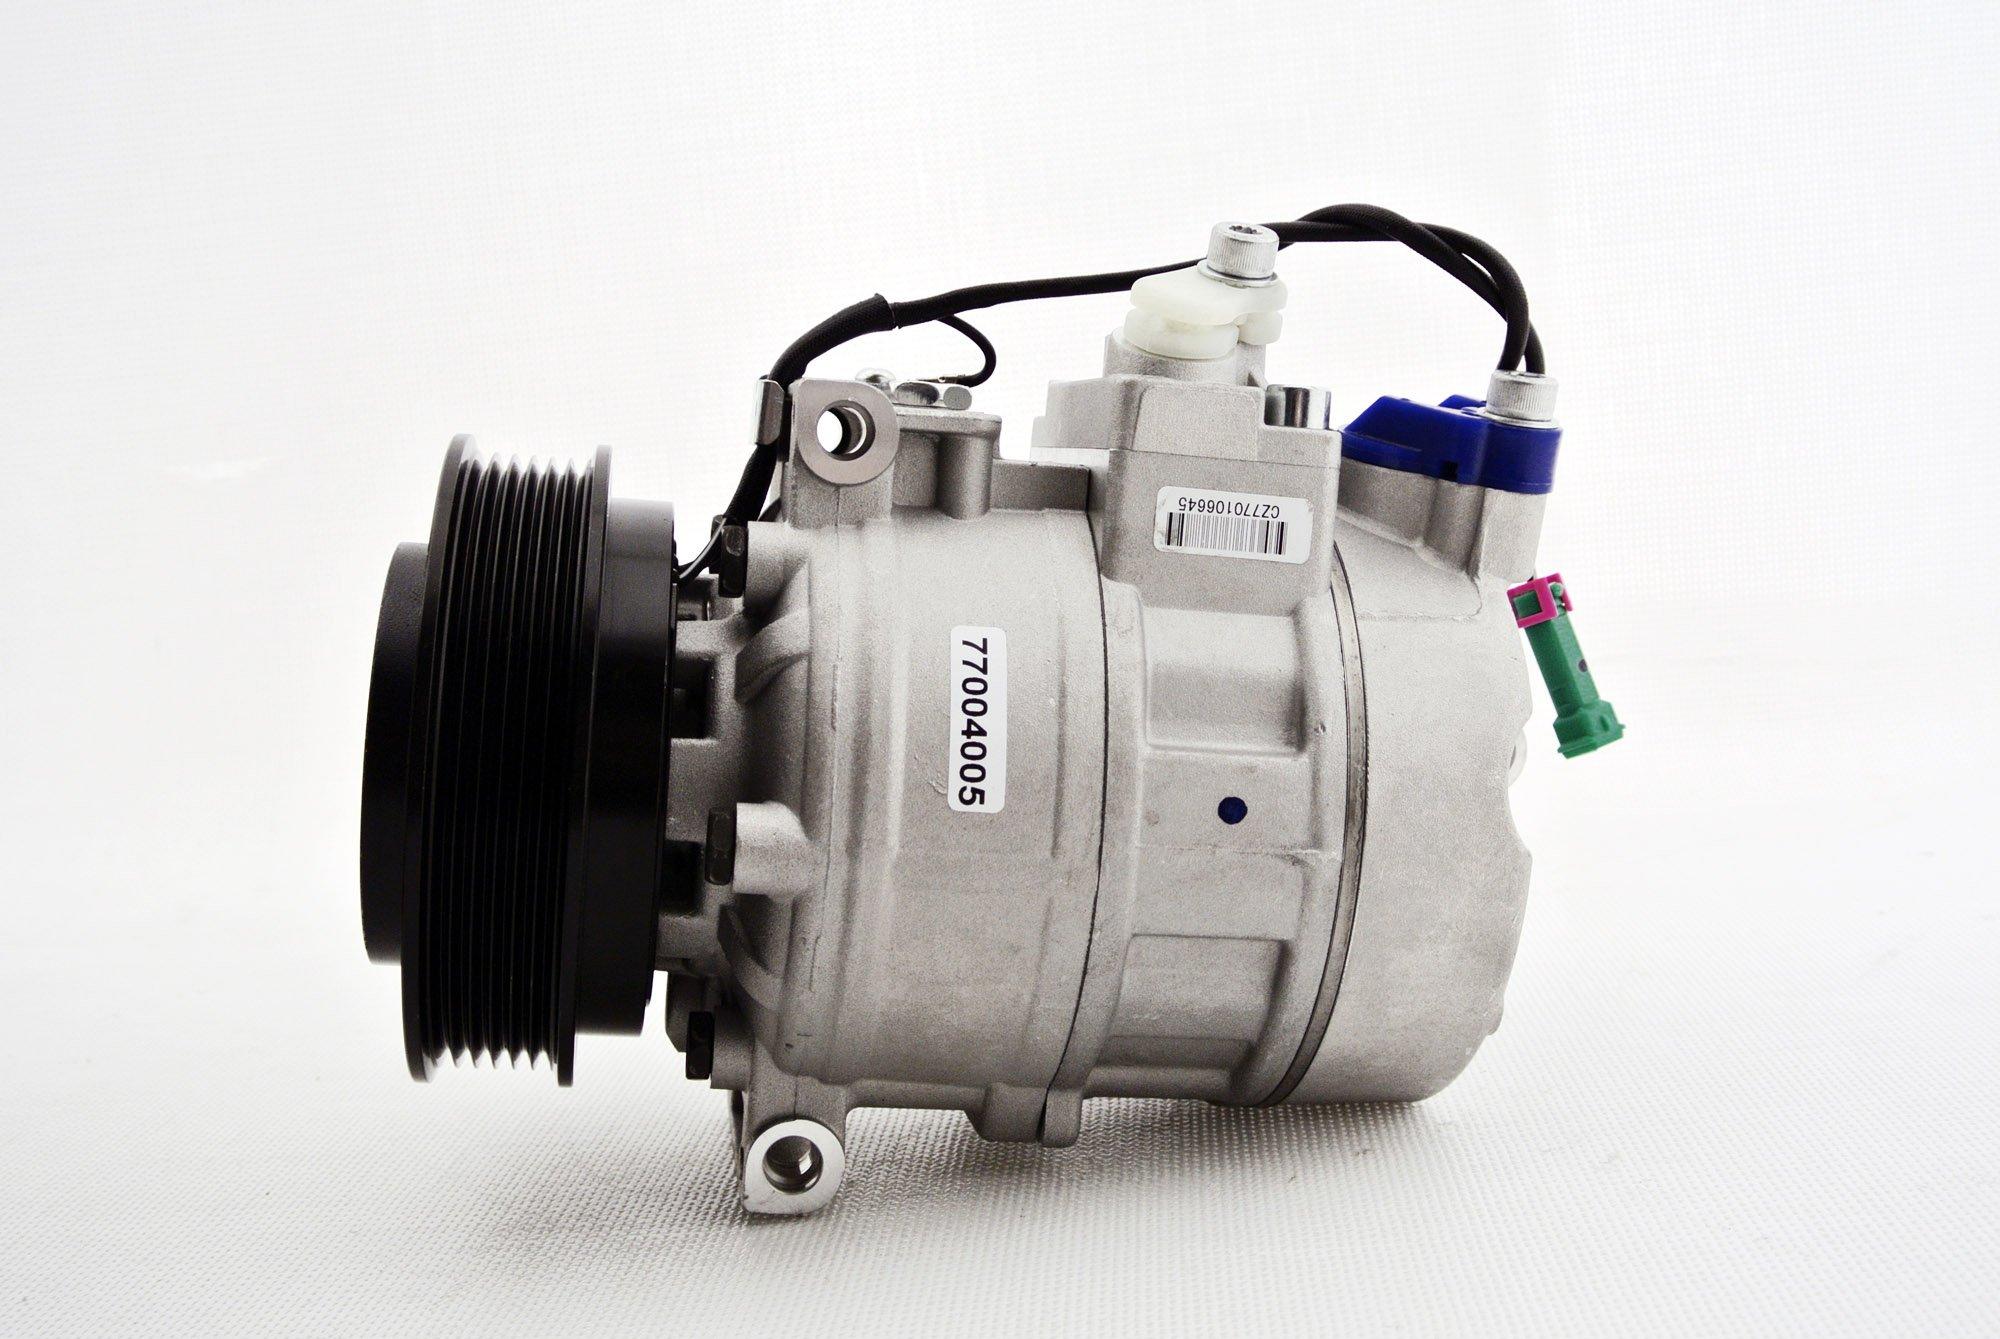 AC Parts 2974373 _ 18 climática Compresor: Amazon.es: Coche y moto